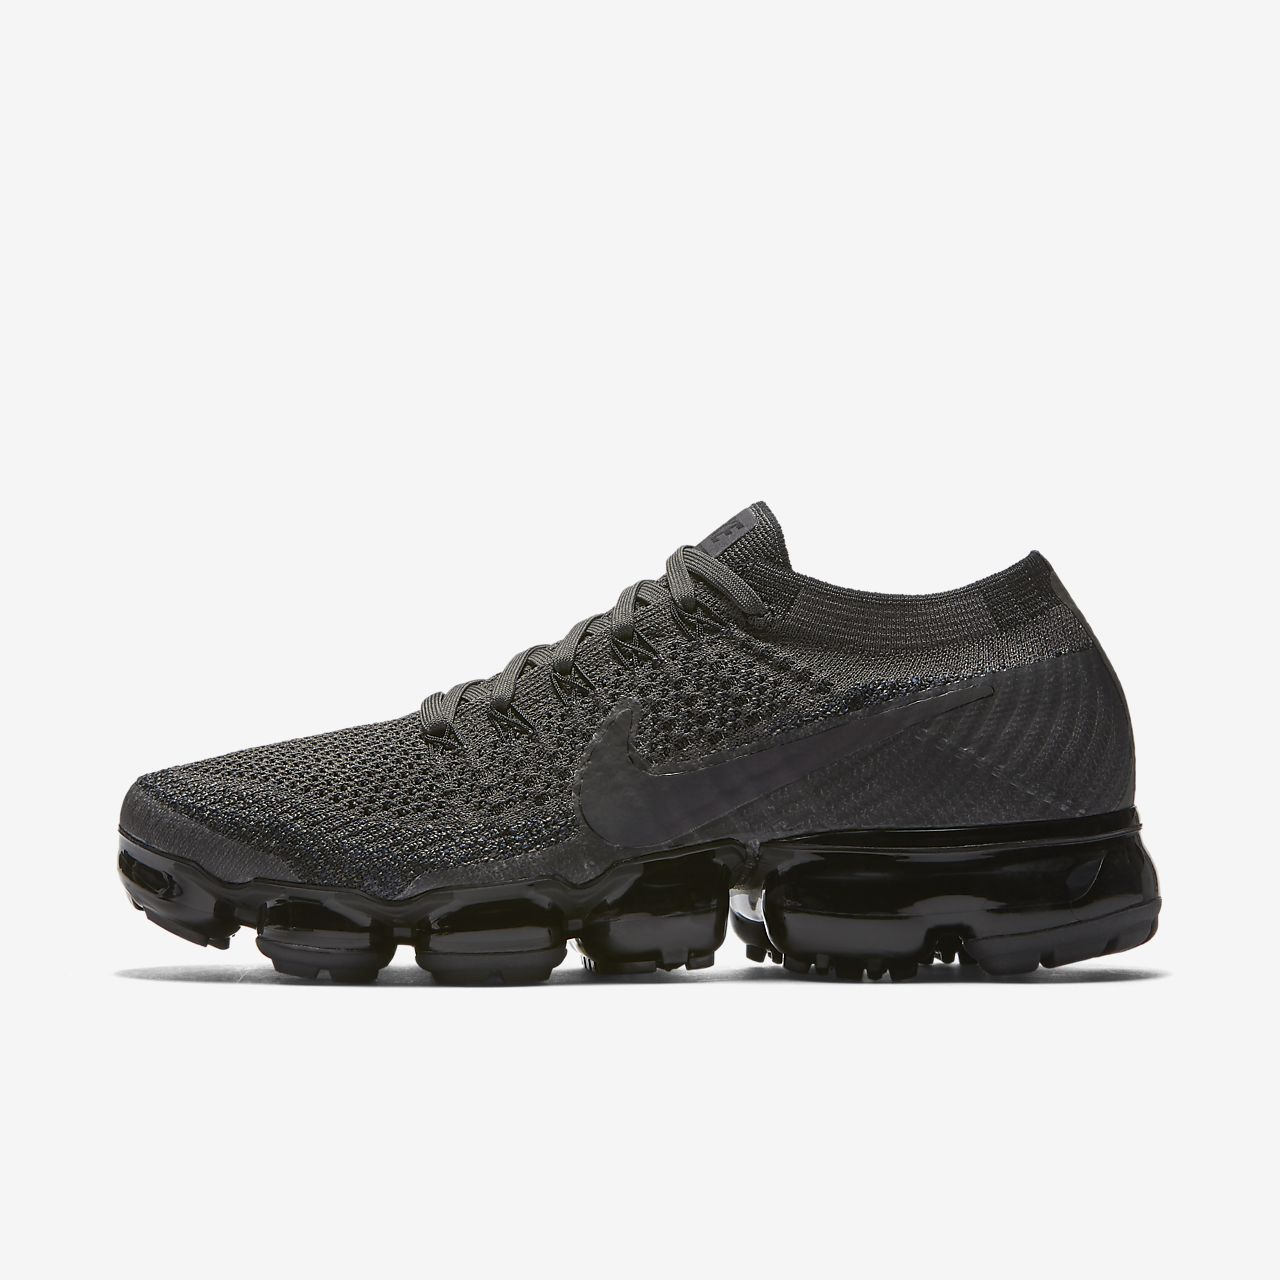 Vapormax Flyknit Chaussures De Sport D'utilité - Nike Gris Vert dra98Xjf